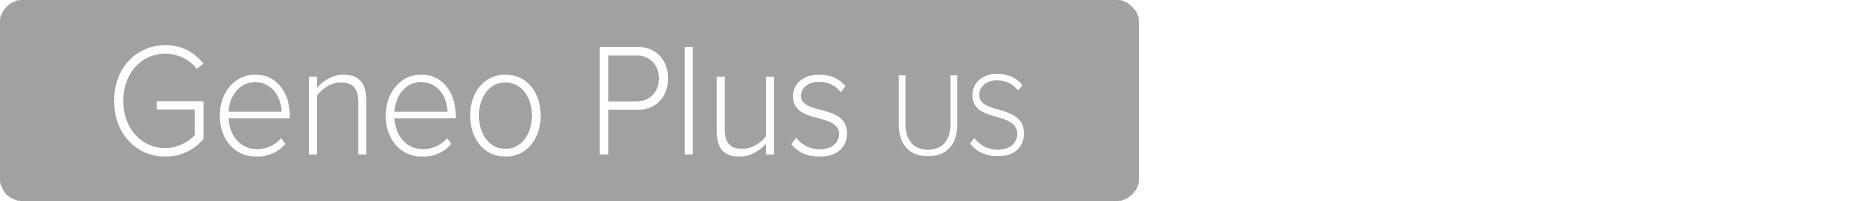 03_Sublime-Windows_NAME_GeneoPlusUS.jpg